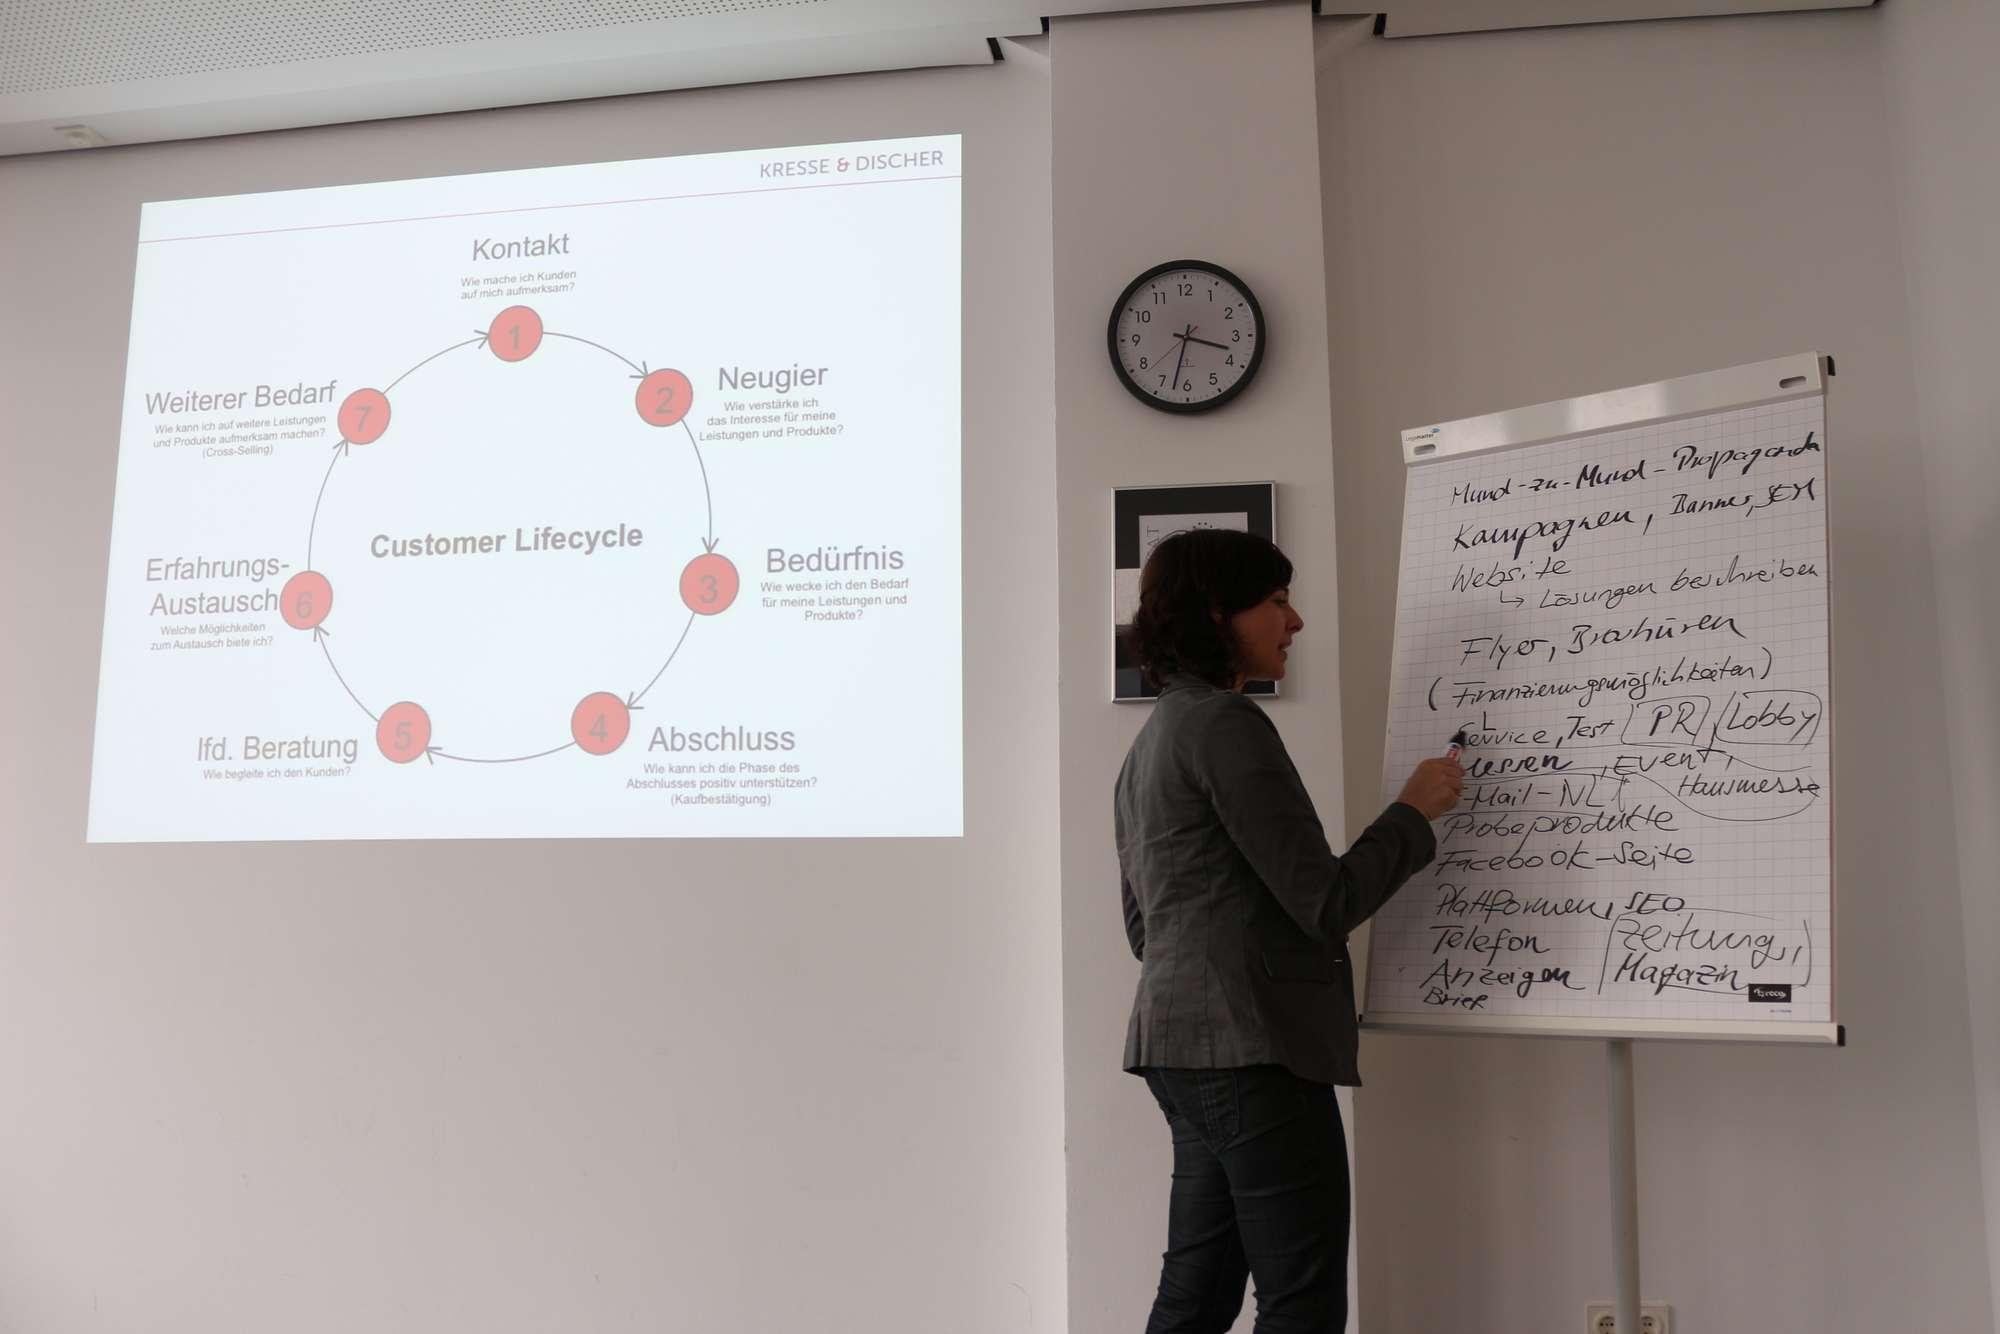 Petra Keller notiert Kontakte zwischen Kunden und Unternehmen im Customer Lifecycle